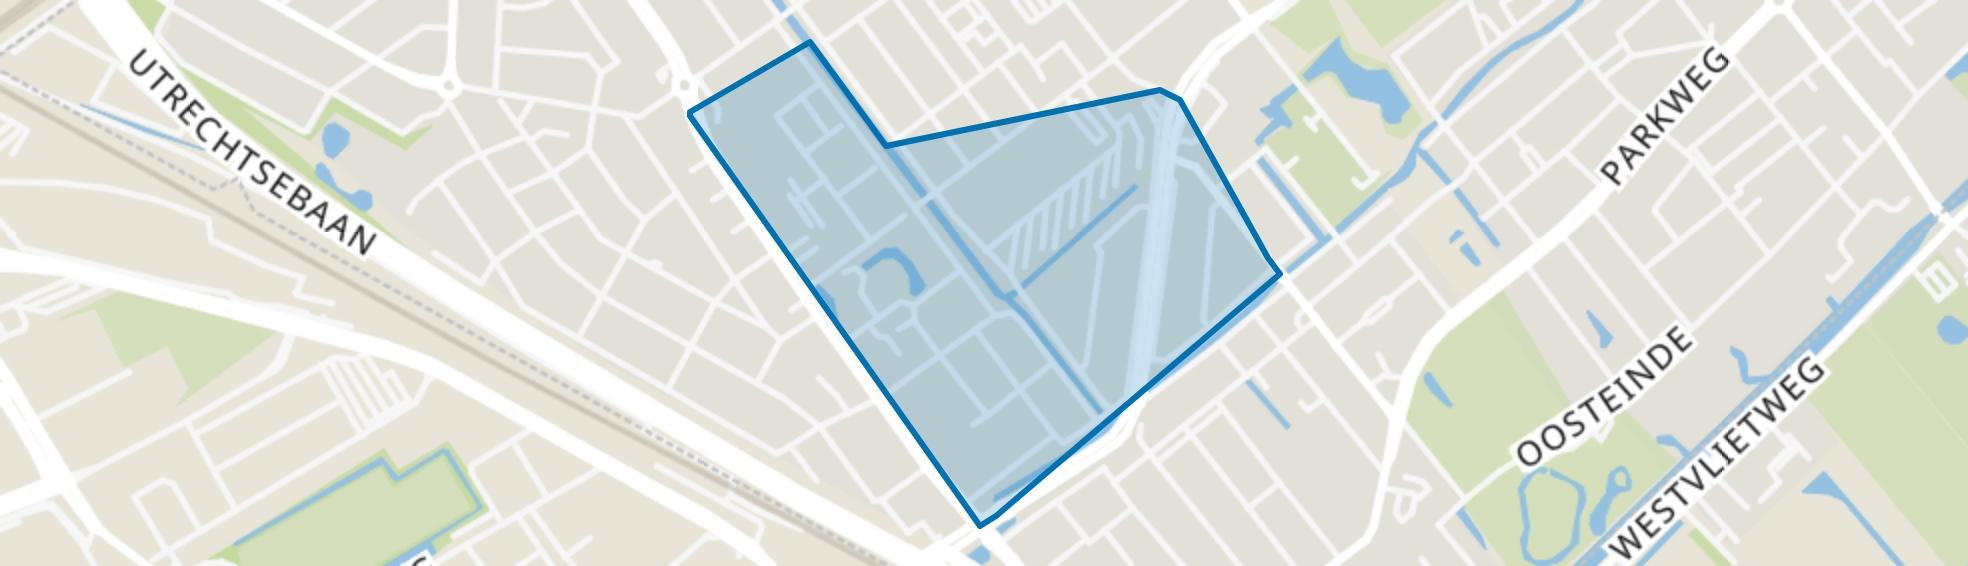 Voorburg Midden zuid, Voorburg map